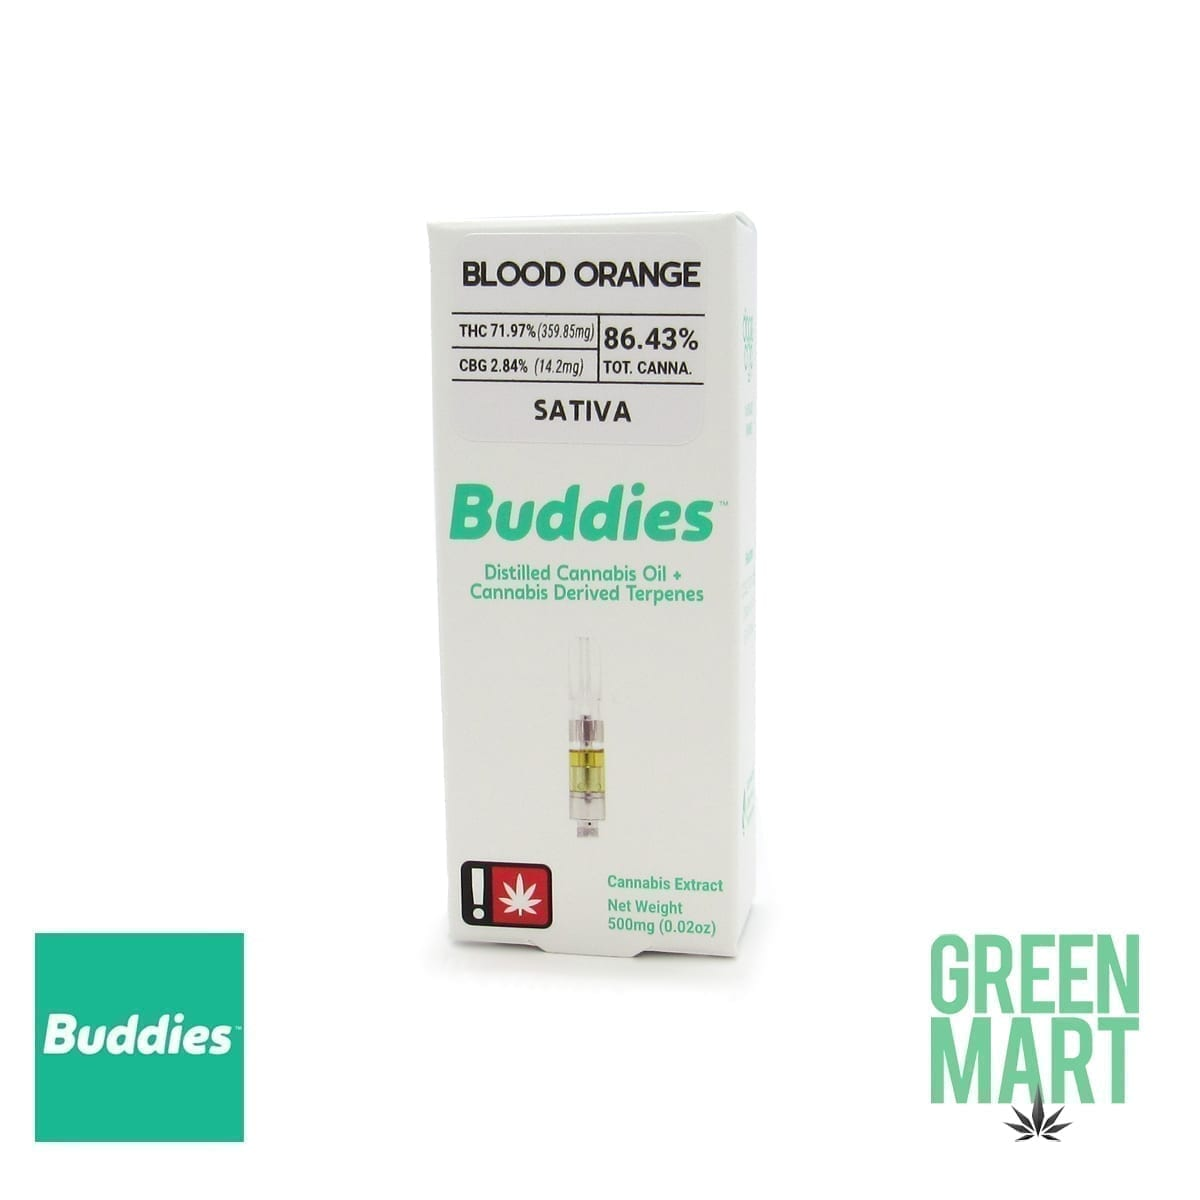 Buddies Brand Distillate Cartridge - Blood Orange